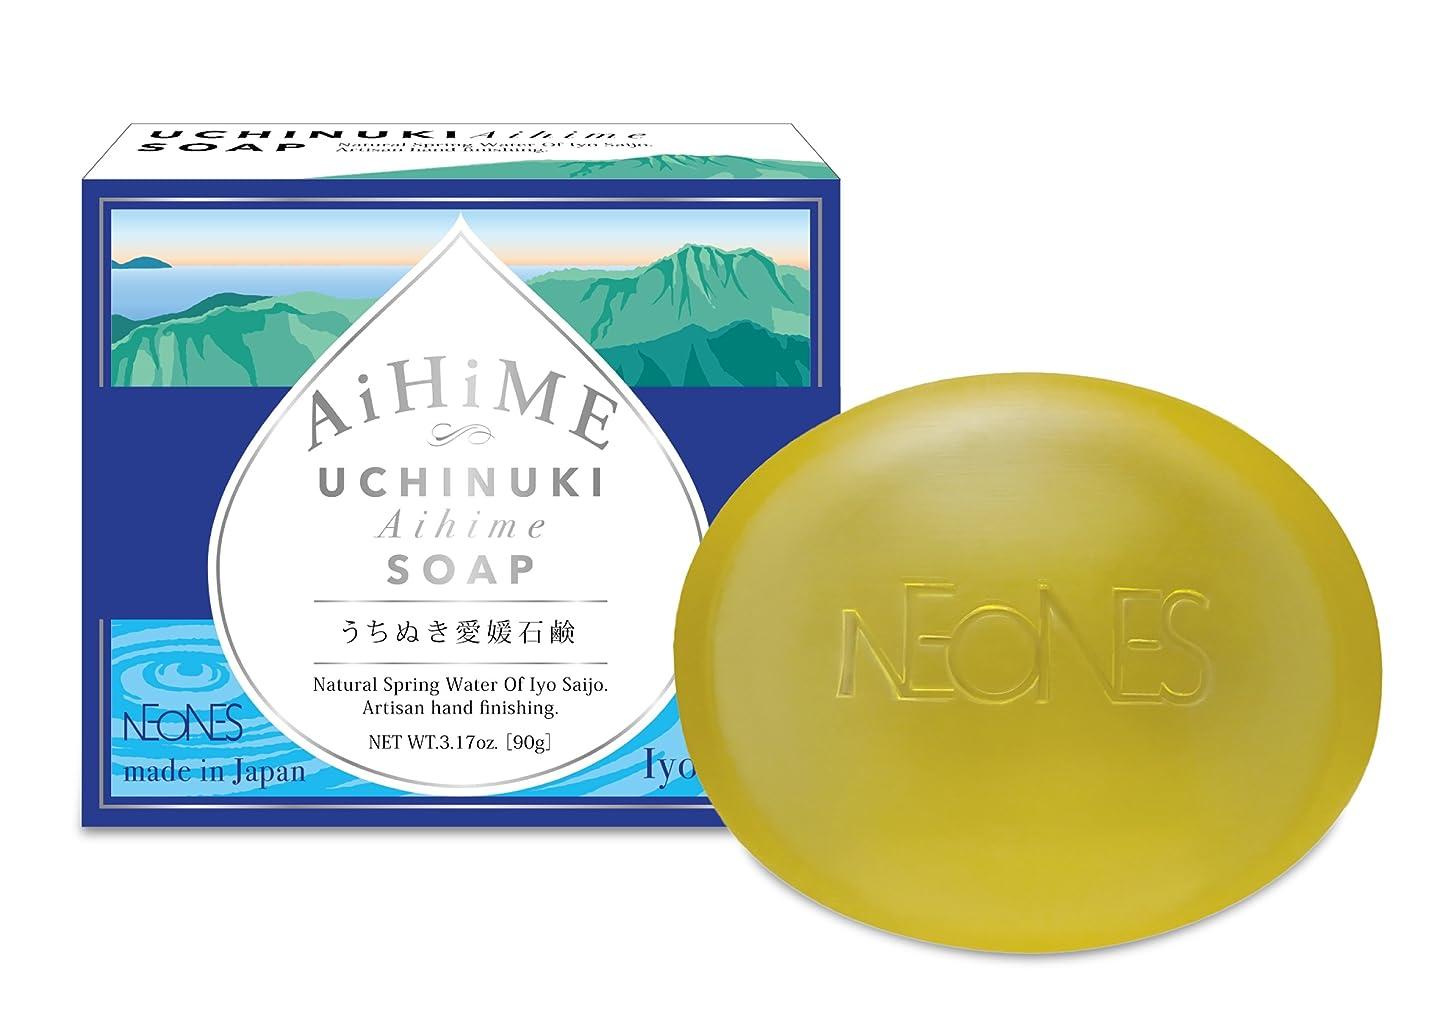 メモ見える容赦ない【うちぬき愛媛石鹸 90g】たっぷり美容成分ともっちり濃密泡でうるおい美容液洗顔。